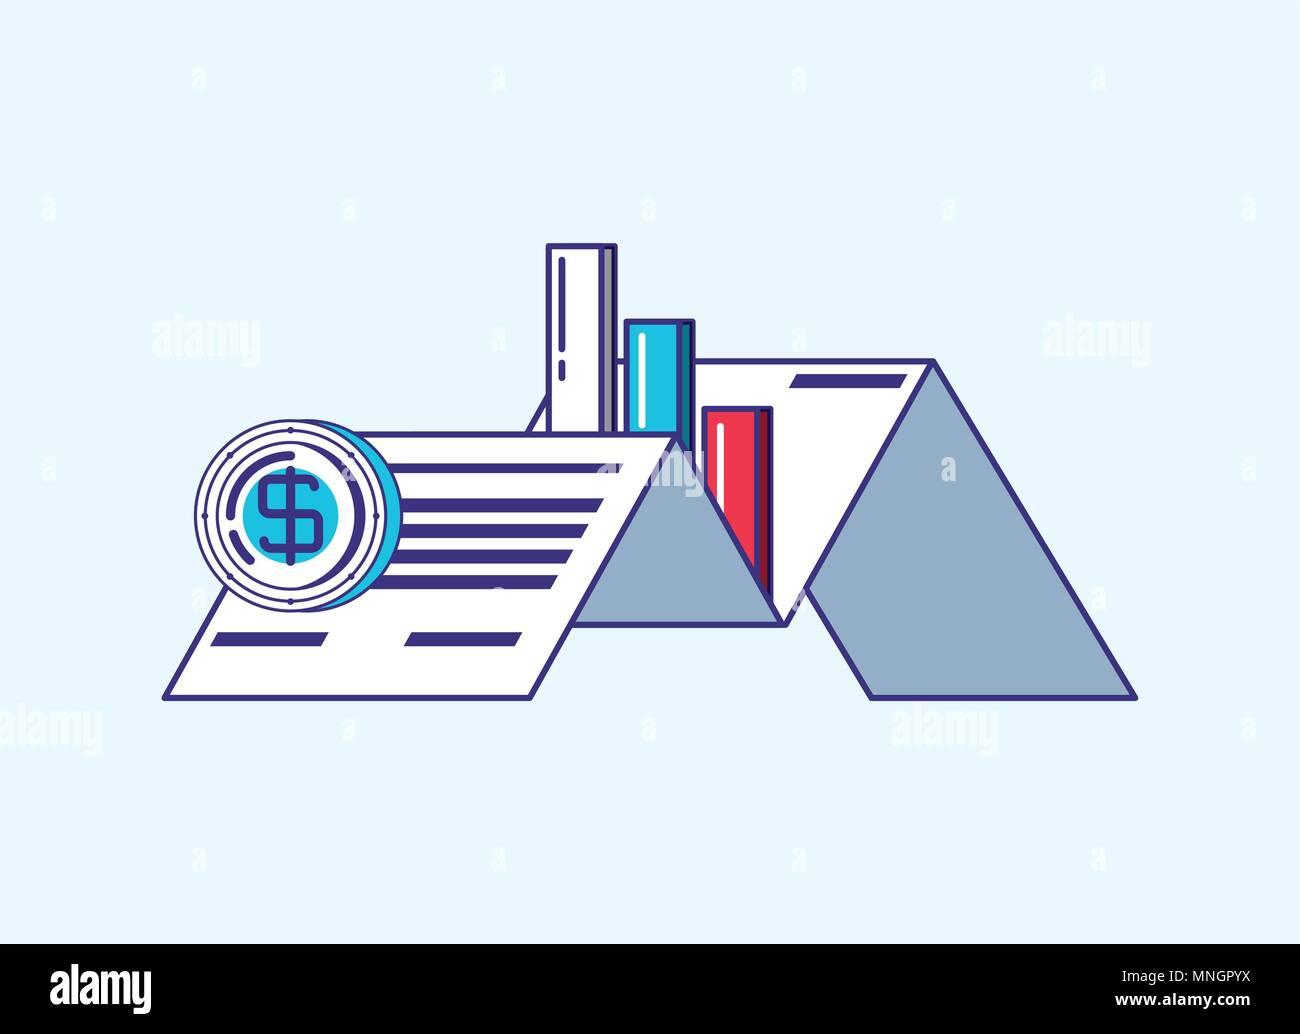 Documento empresarial con tecnología financiera iconos relacionados sobre fondo blanco, ilustración vectorial diseño colorista. Imagen De Stock